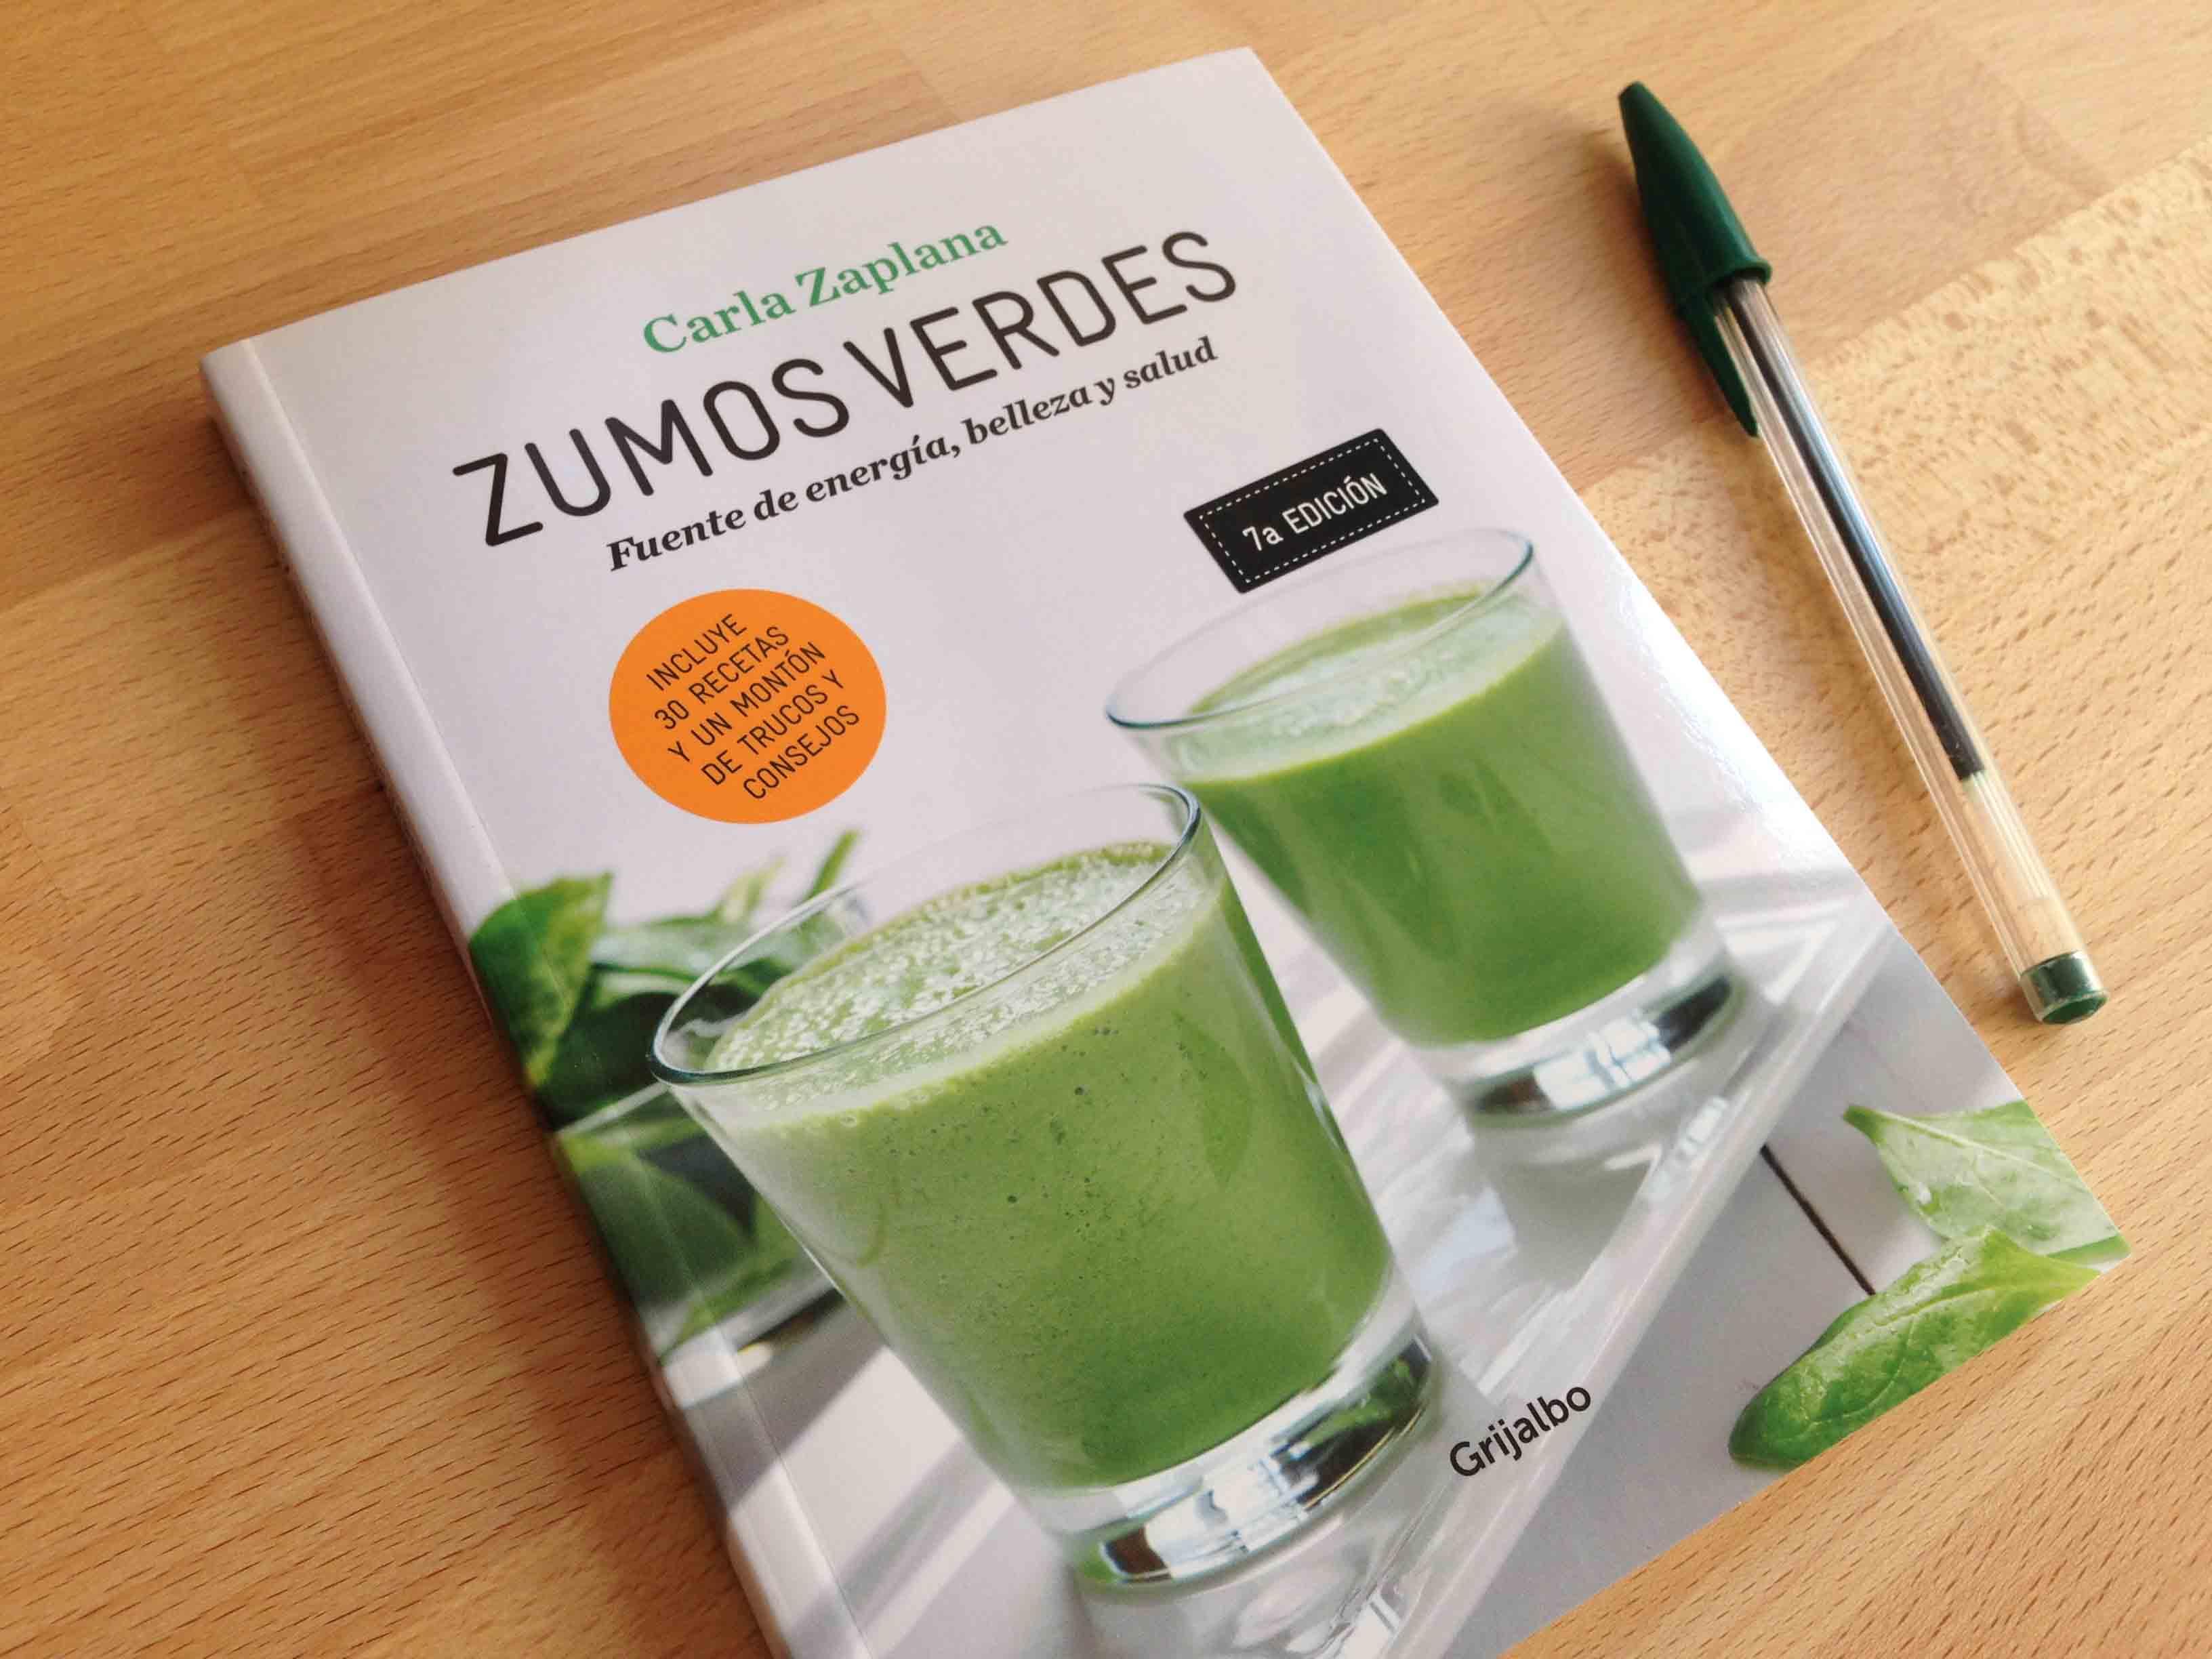 zumos-verdes-essencialis